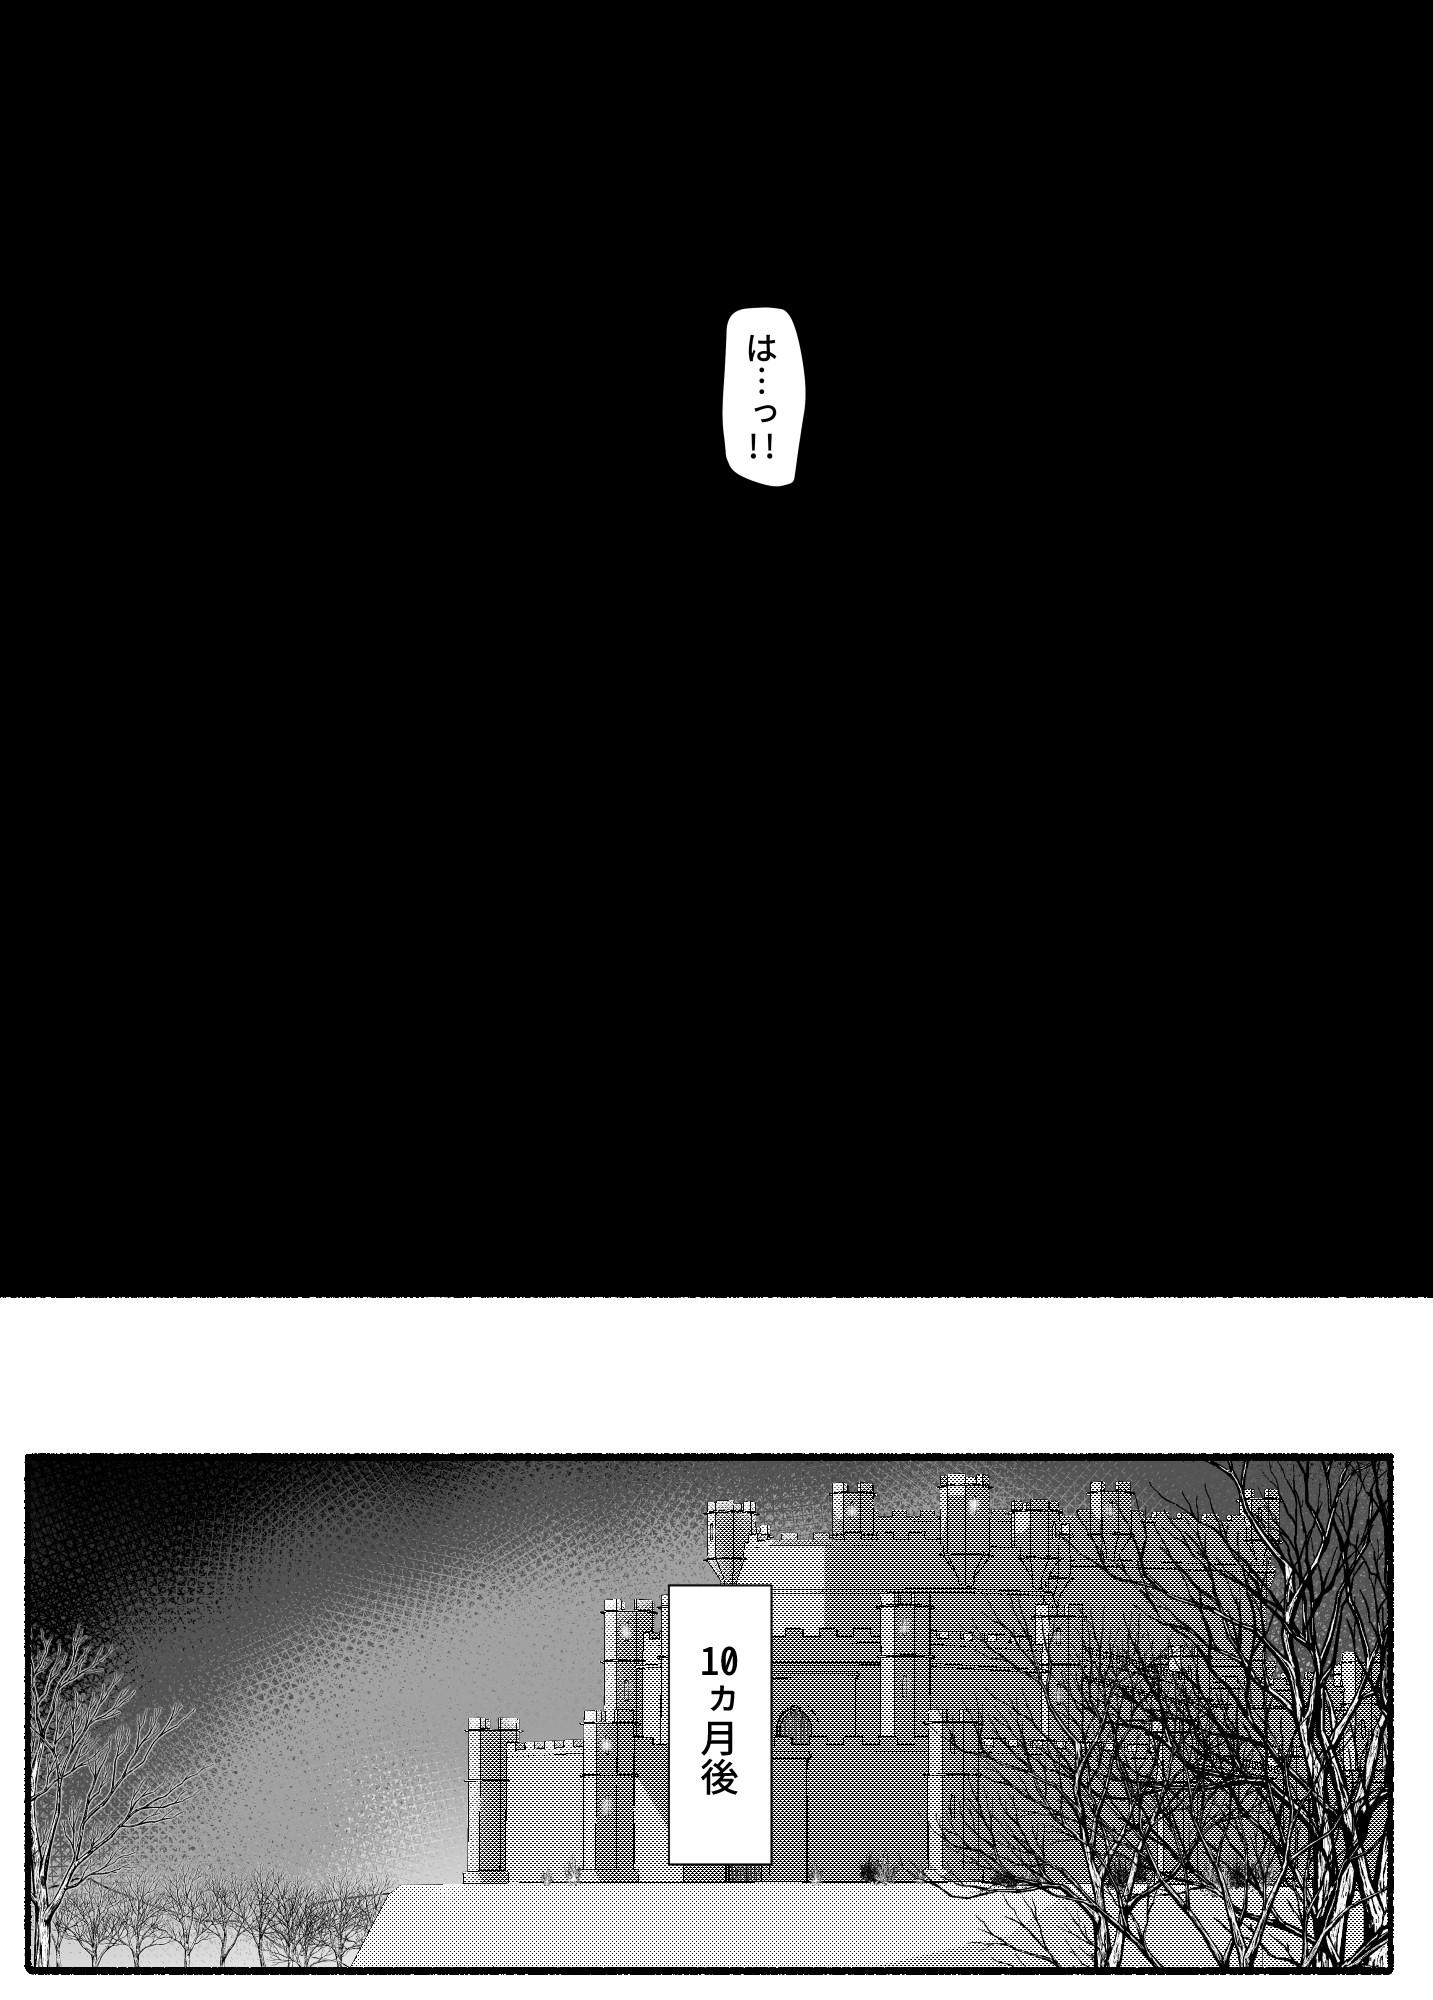 【エロ漫画】敵軍の魔人に連れ去られてしまった魔女…着物を無理やりはぎ取られ褌姿で辱められマンコがぐちゃぐちゃになるまで焦らされたあげく性欲増幅魔法を使われチンポとザーメンが欲しくてたまらない身体にwww【EsuEsu:子宮魔女VS上級魔人】